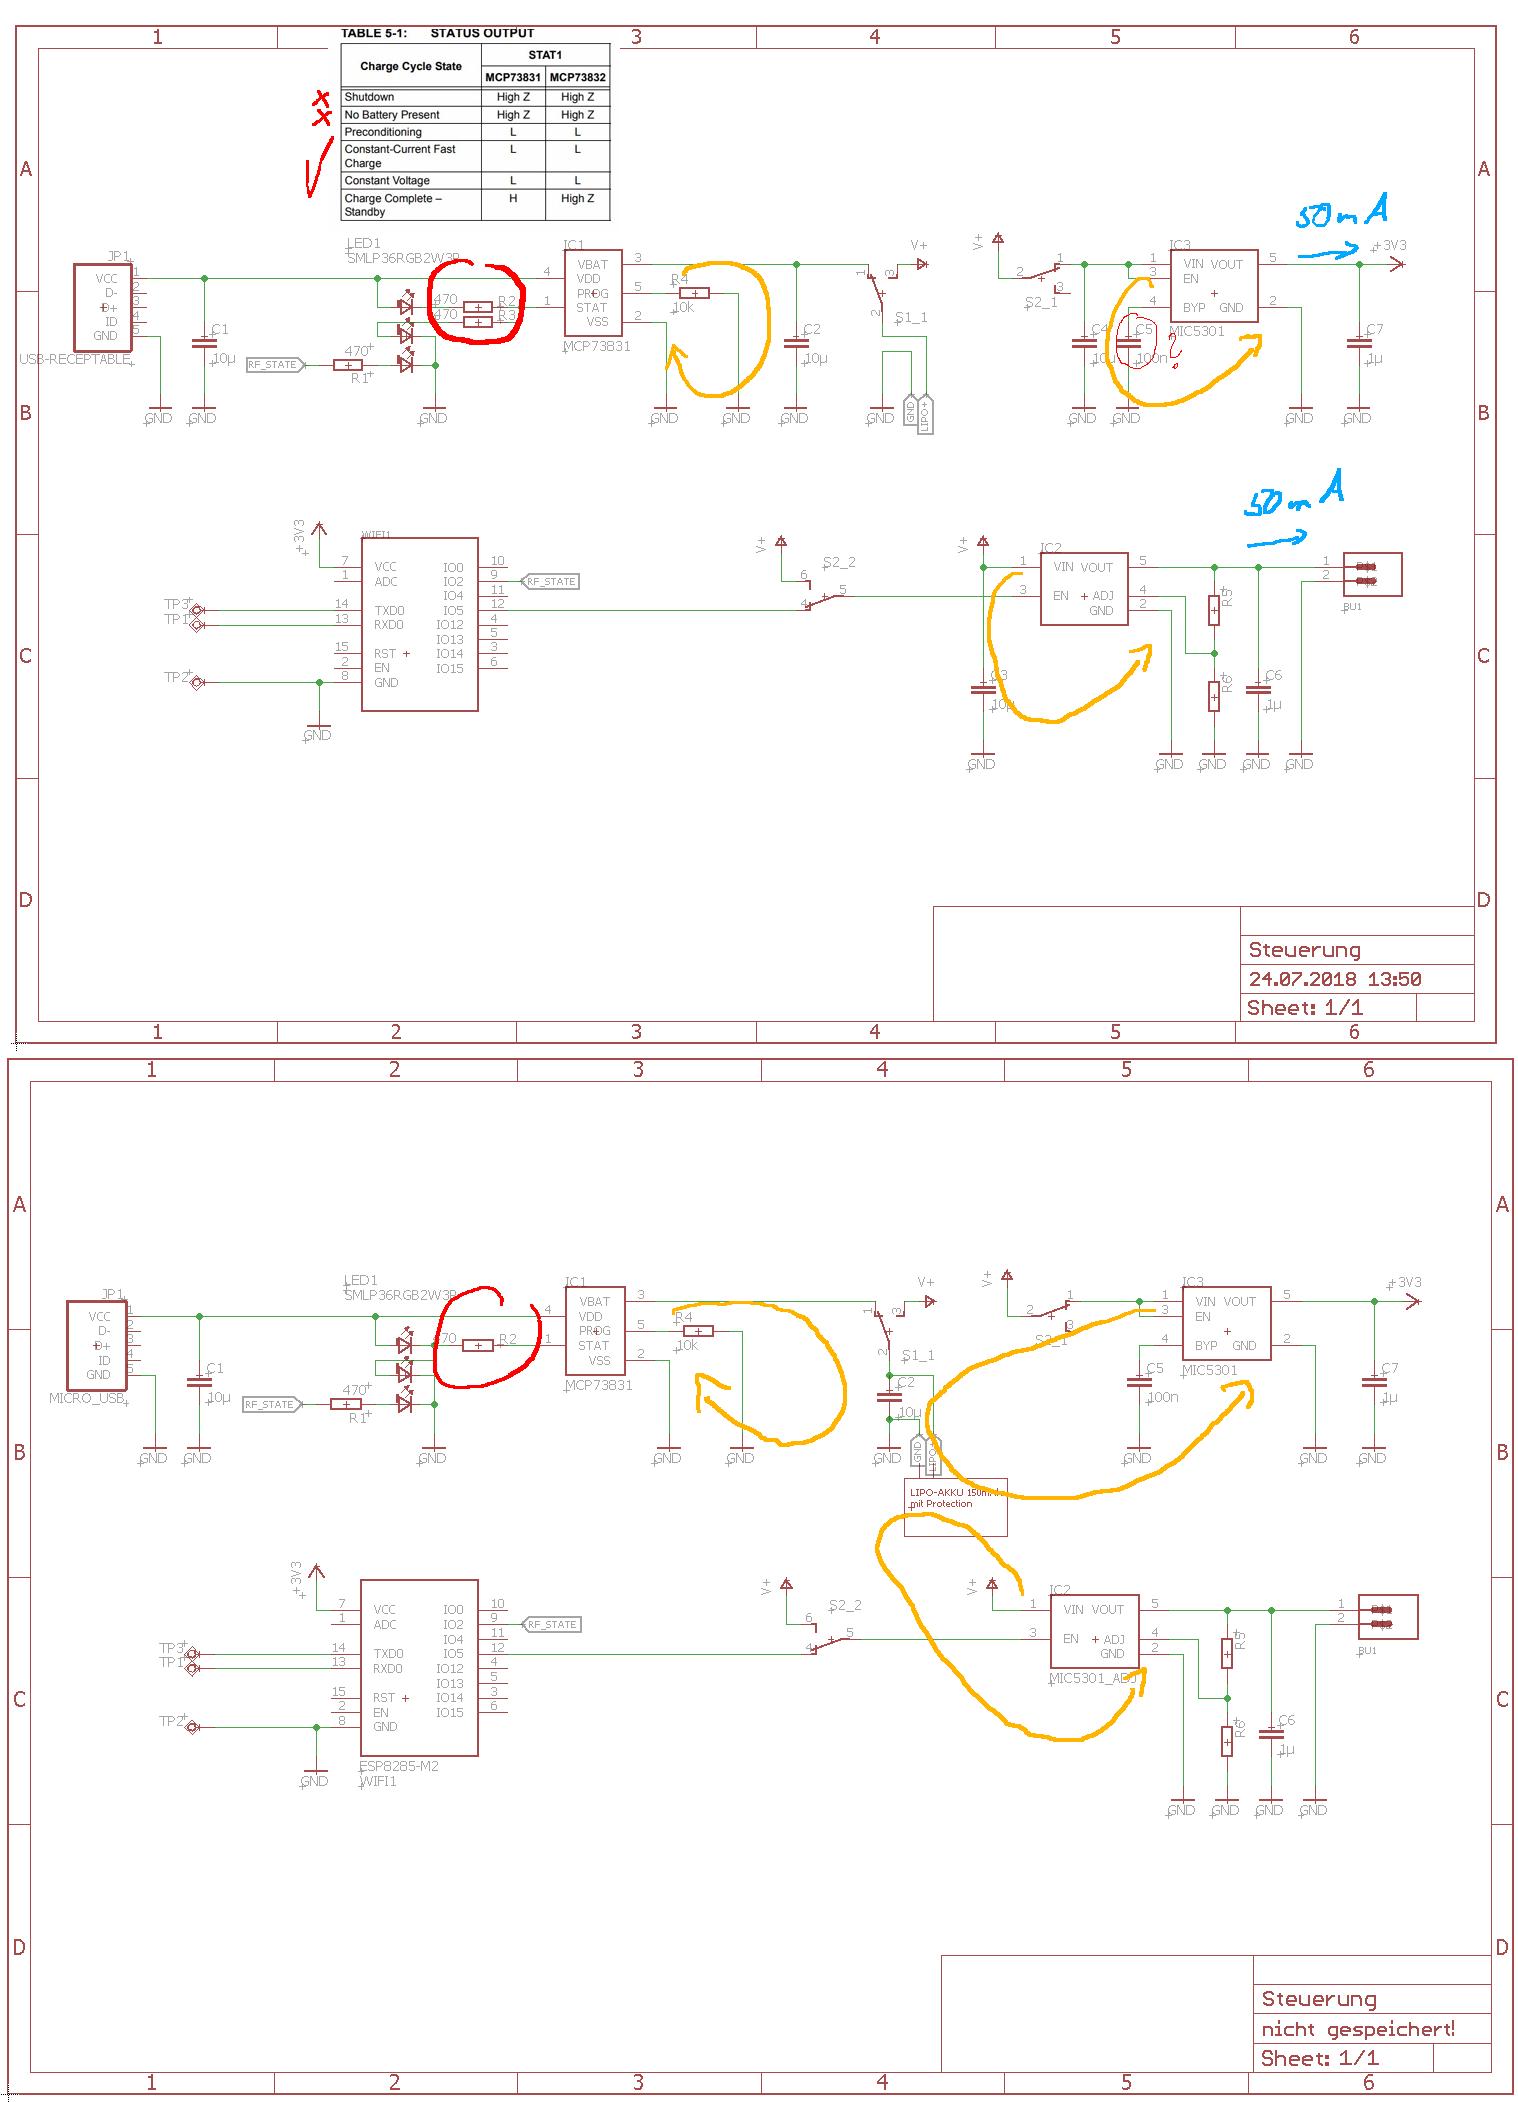 Bauteile Einsparen C An Spannungsreglern Uzi Schematic Preview Image For Reduzieren